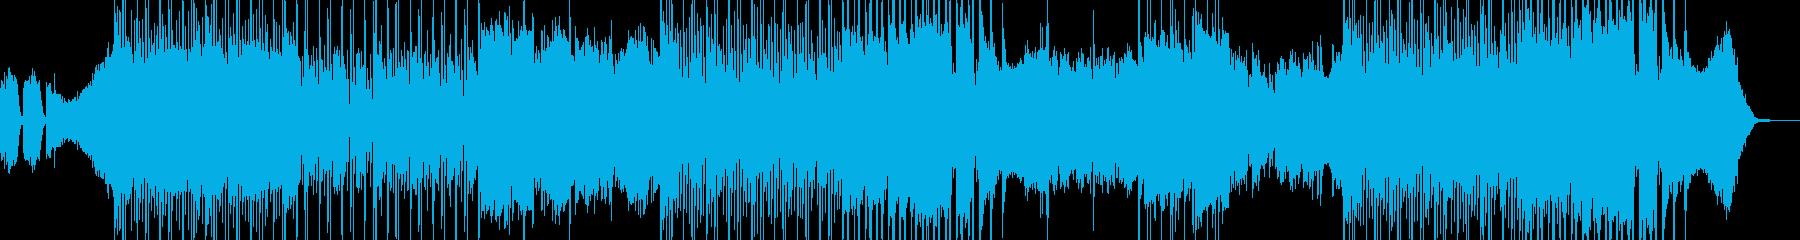 バイオリンの孤独で、絶妙なバラードの再生済みの波形